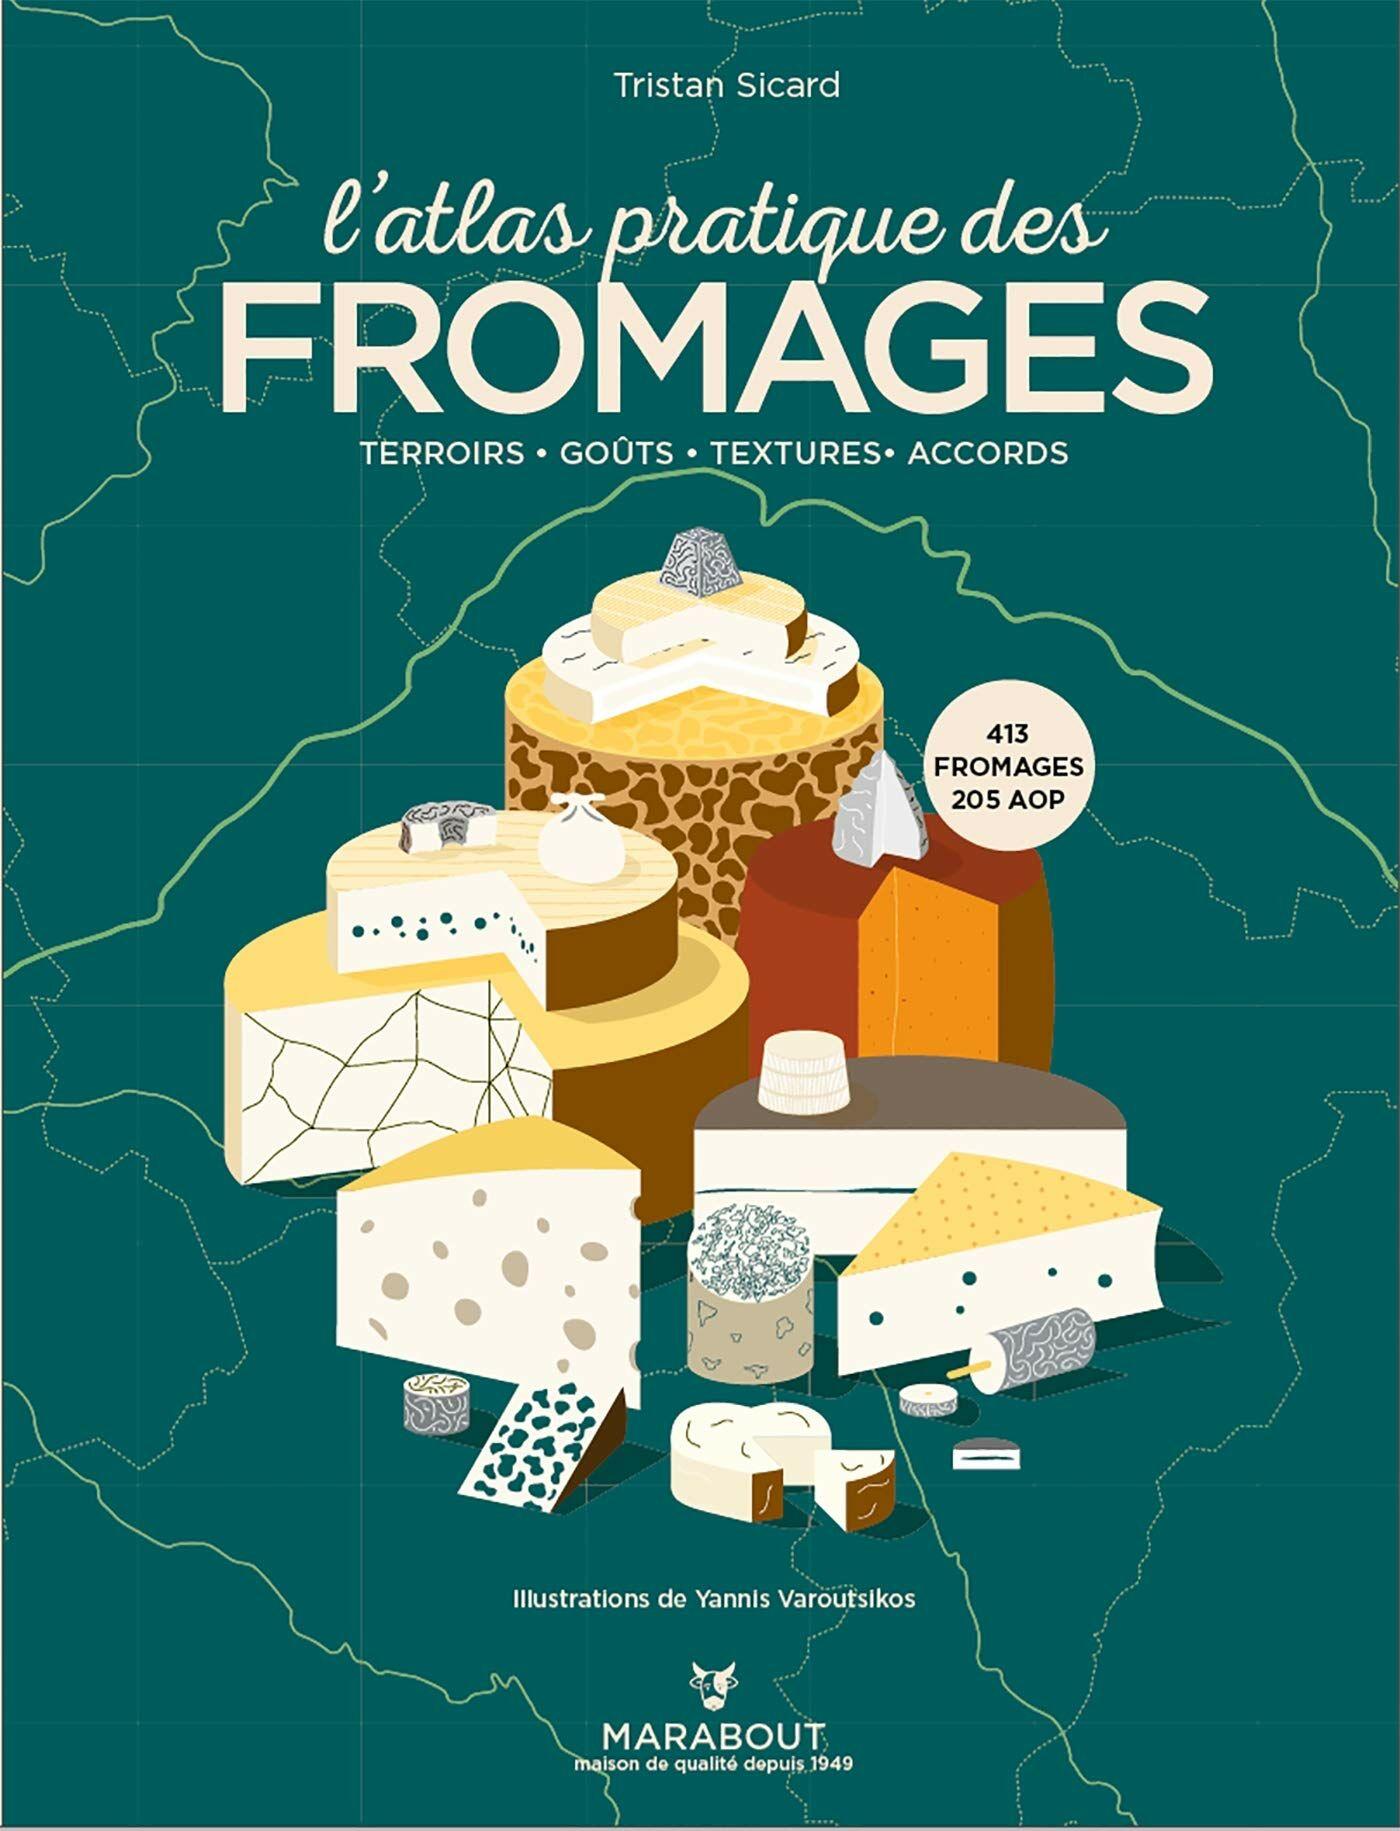 Noël : des calendriers de l'avent au fromage pour vous faire patiente…